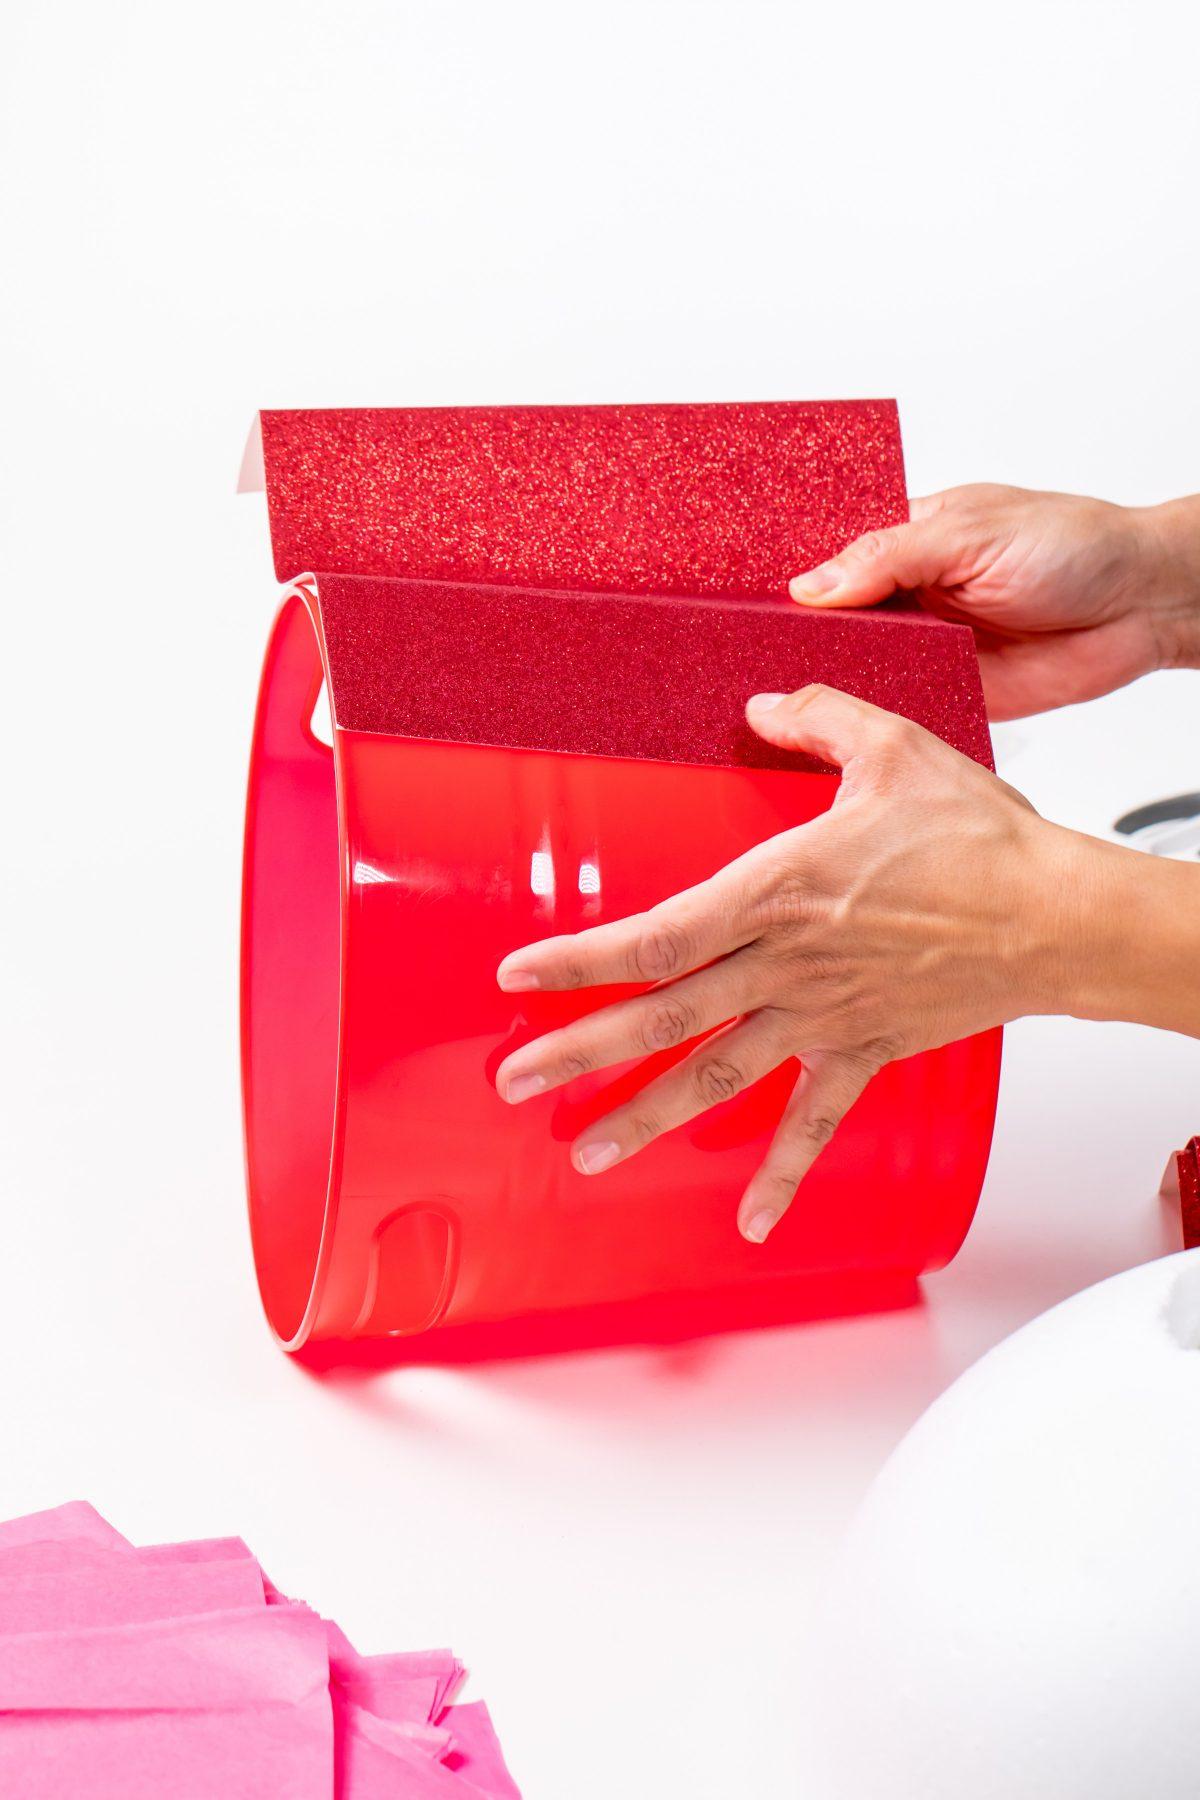 5D4B8160 - Cupcake Valentine Day Box - Add glue